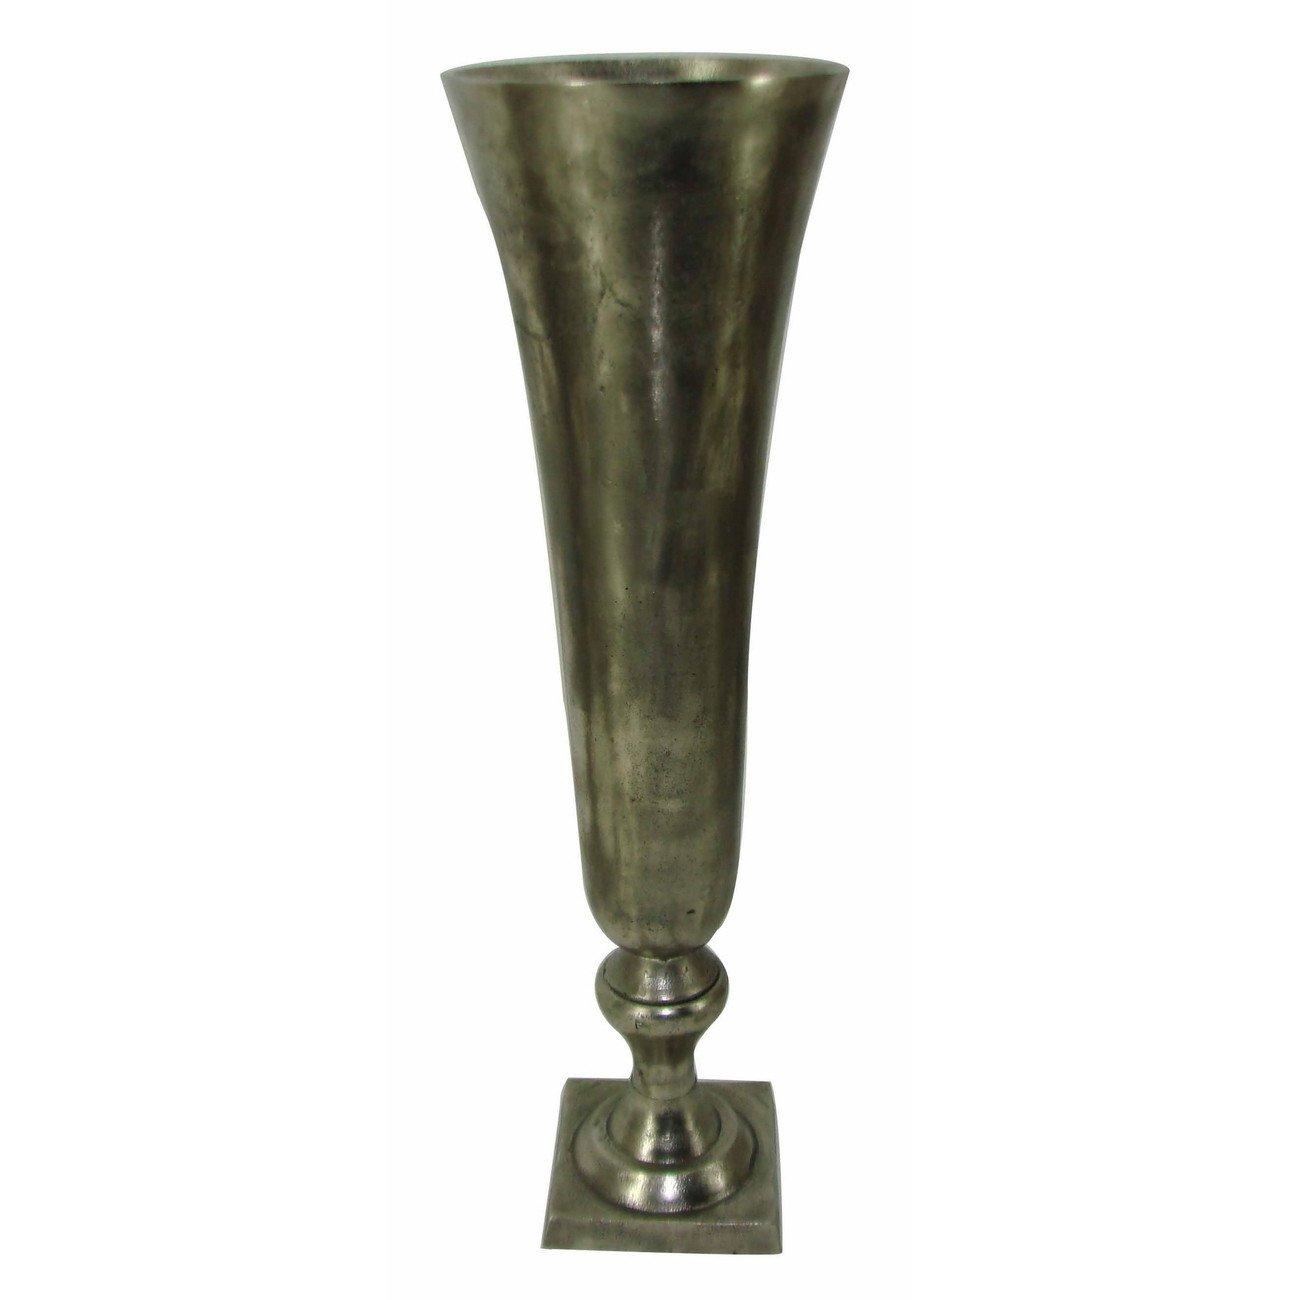 Vintage Silver Vase Image